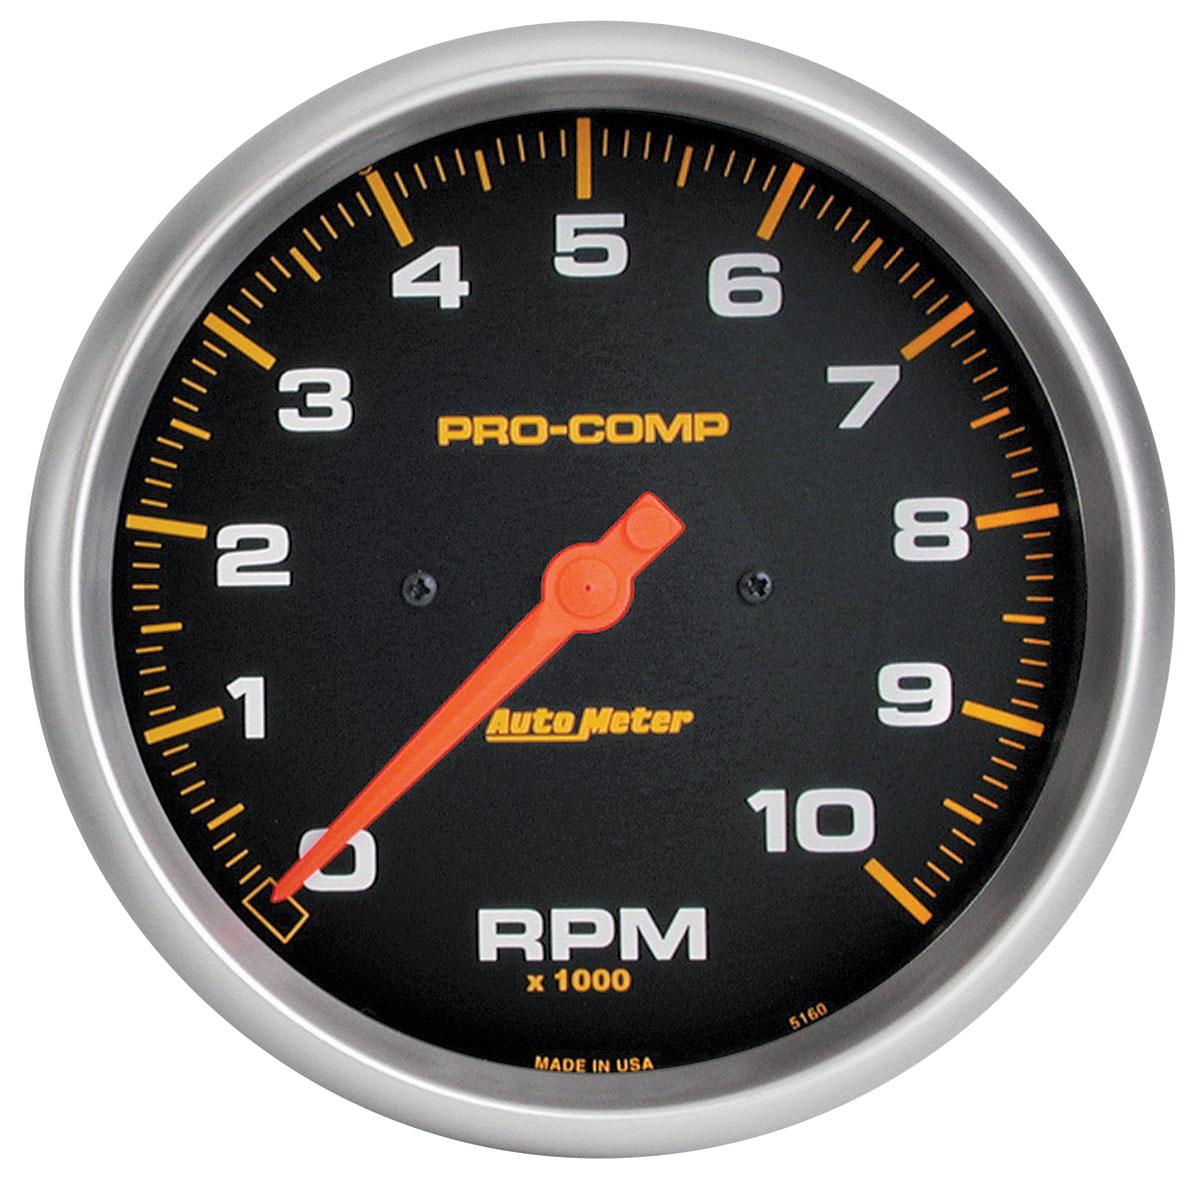 Gauge, Tachometer, Auto Meter, Pro-Comp, 5